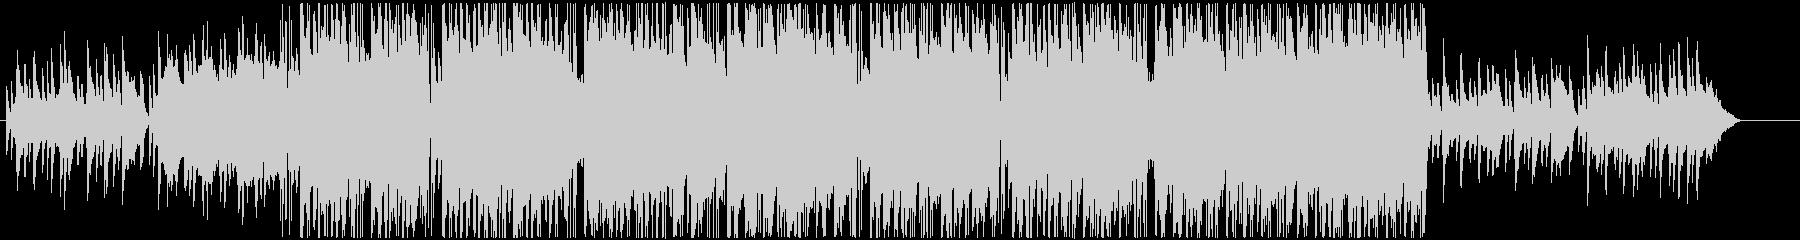 耳馴染みの良い和なピアノ曲 (ver.)の未再生の波形